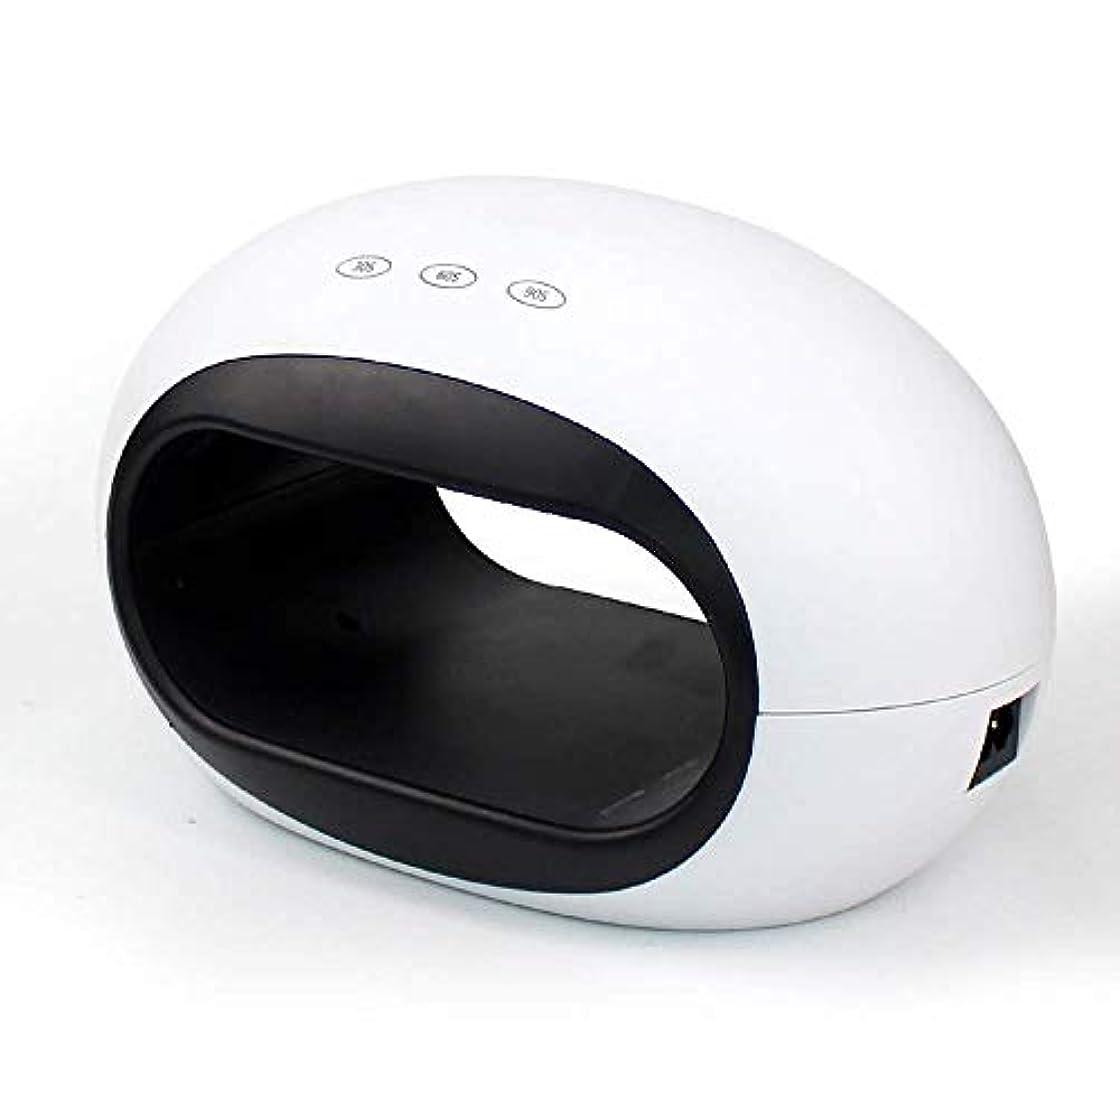 中間いとこお酢スマート光線療法の釘機械48W方法空の設計接触ボタンの隠された表示速い乾燥